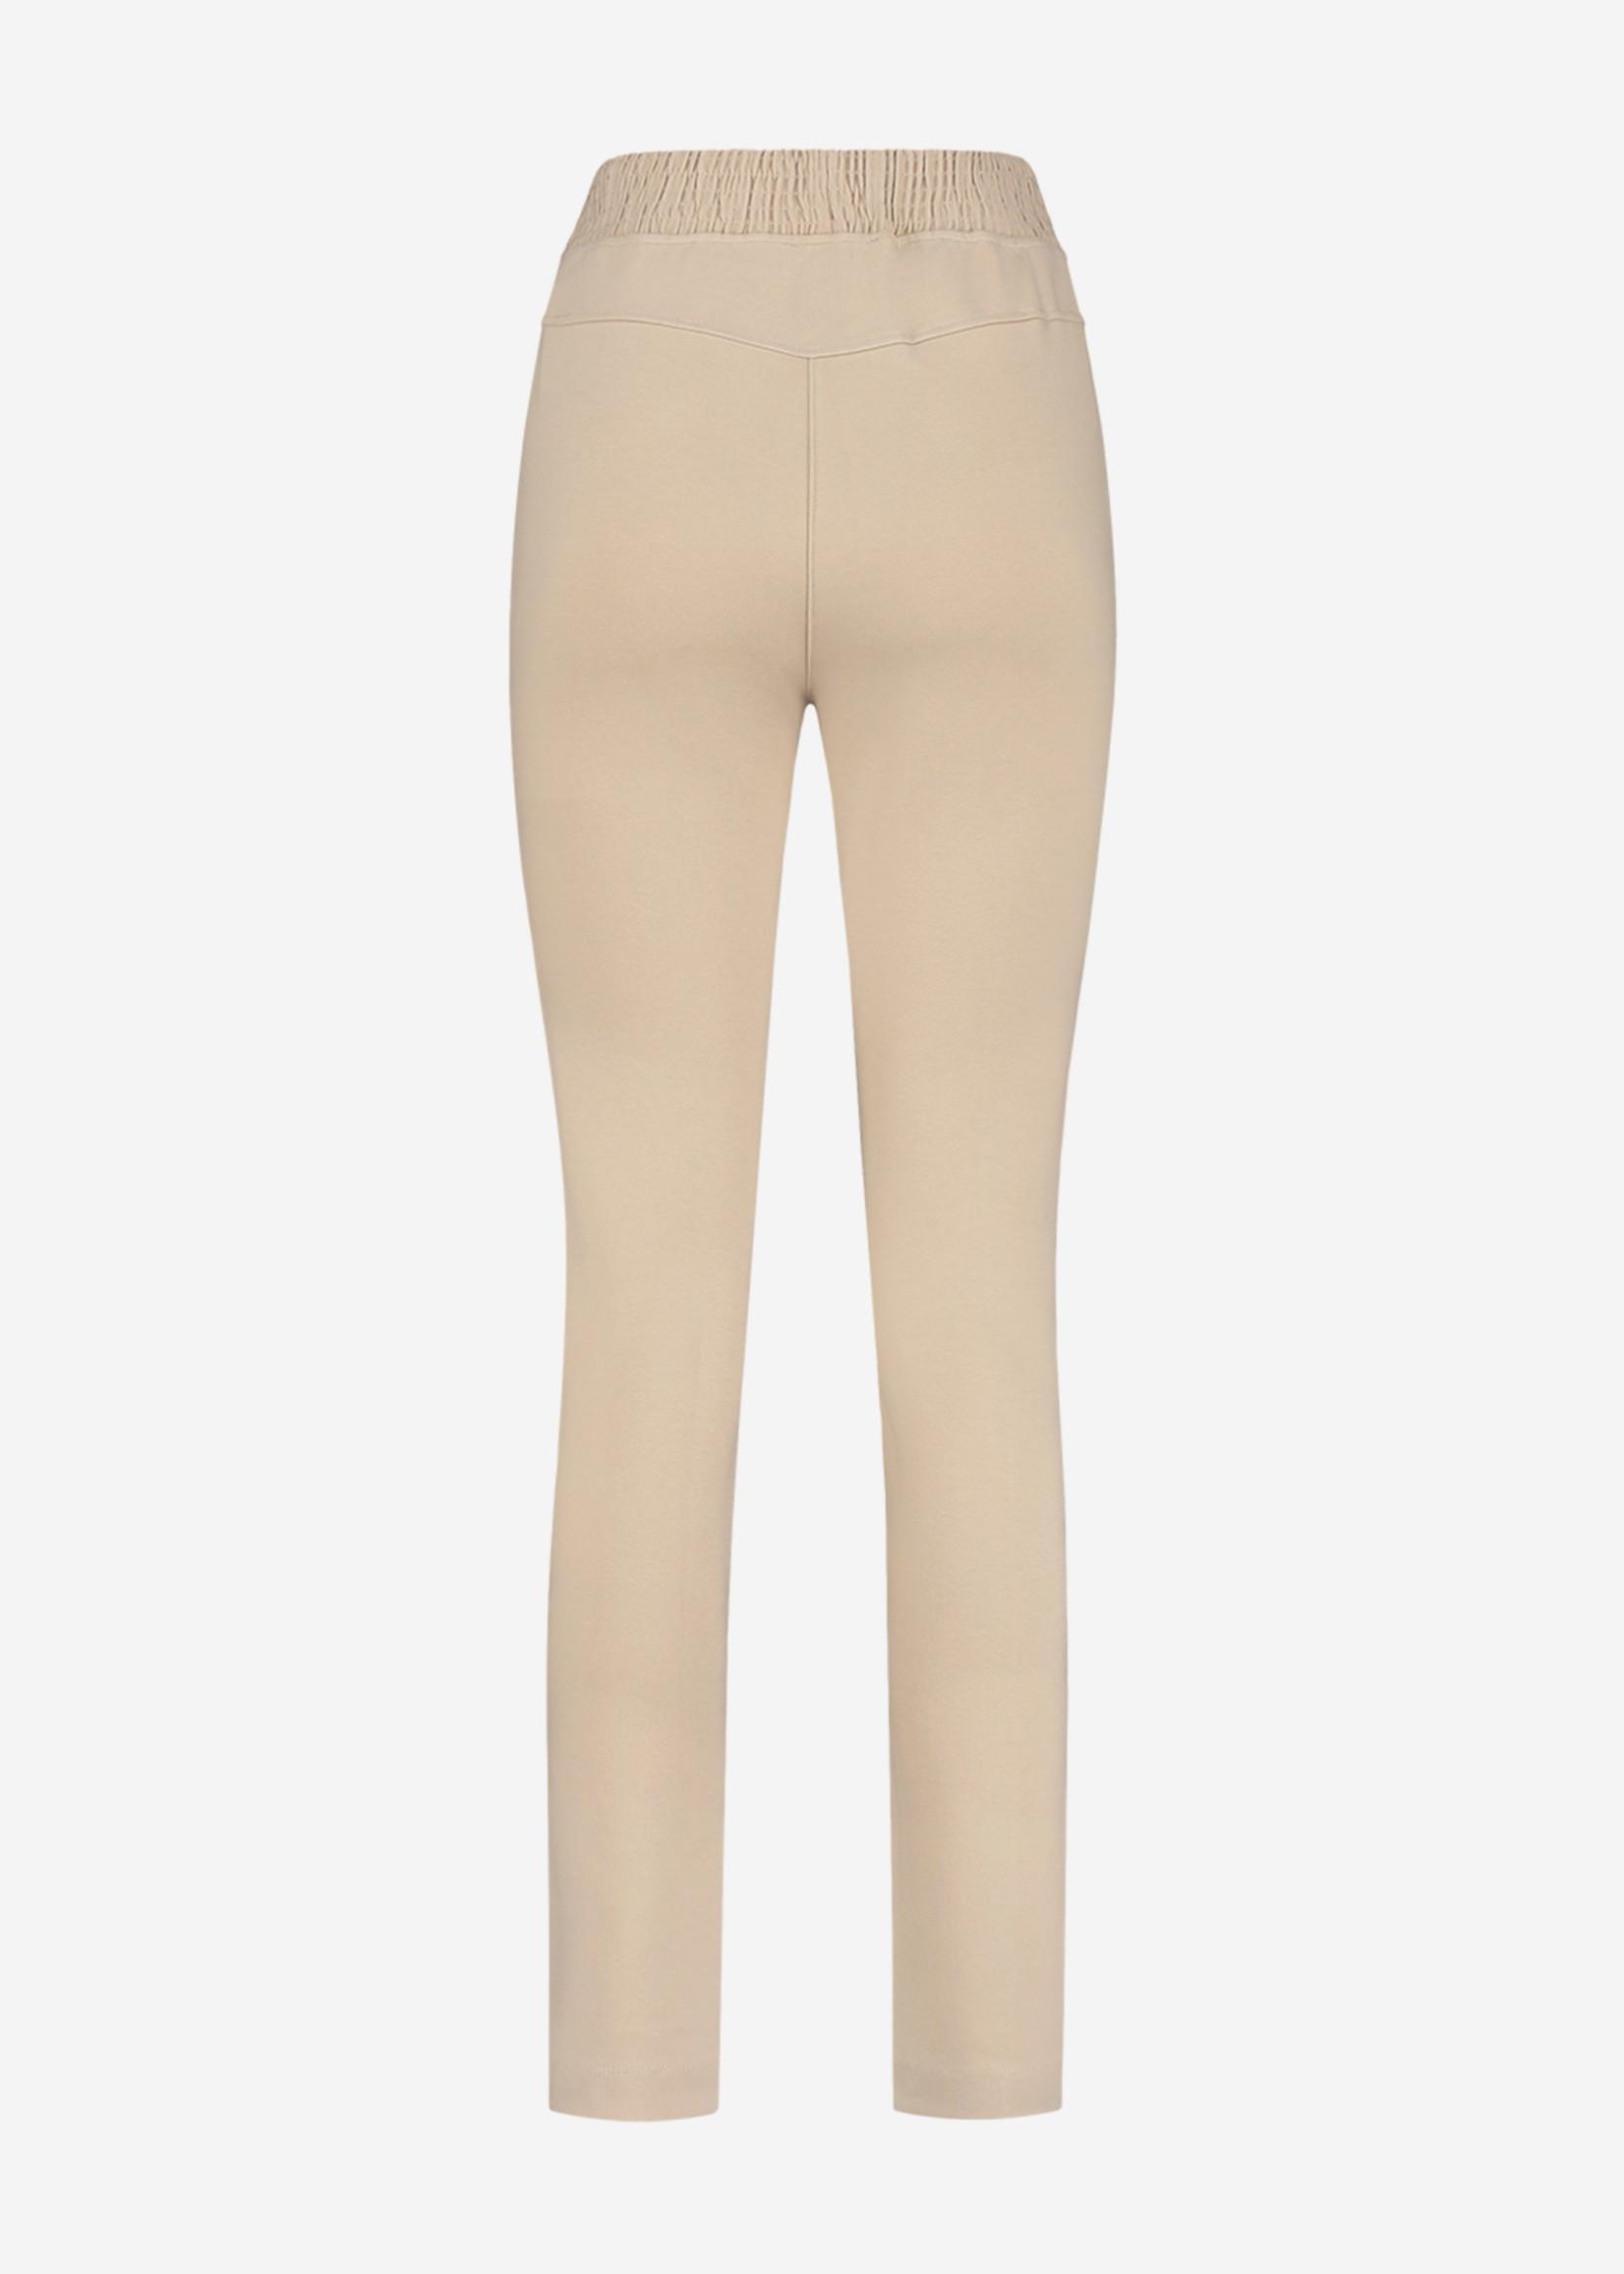 NIKKIE PUNTA CLASSIC PANTS comfortabele broek met logo knopen